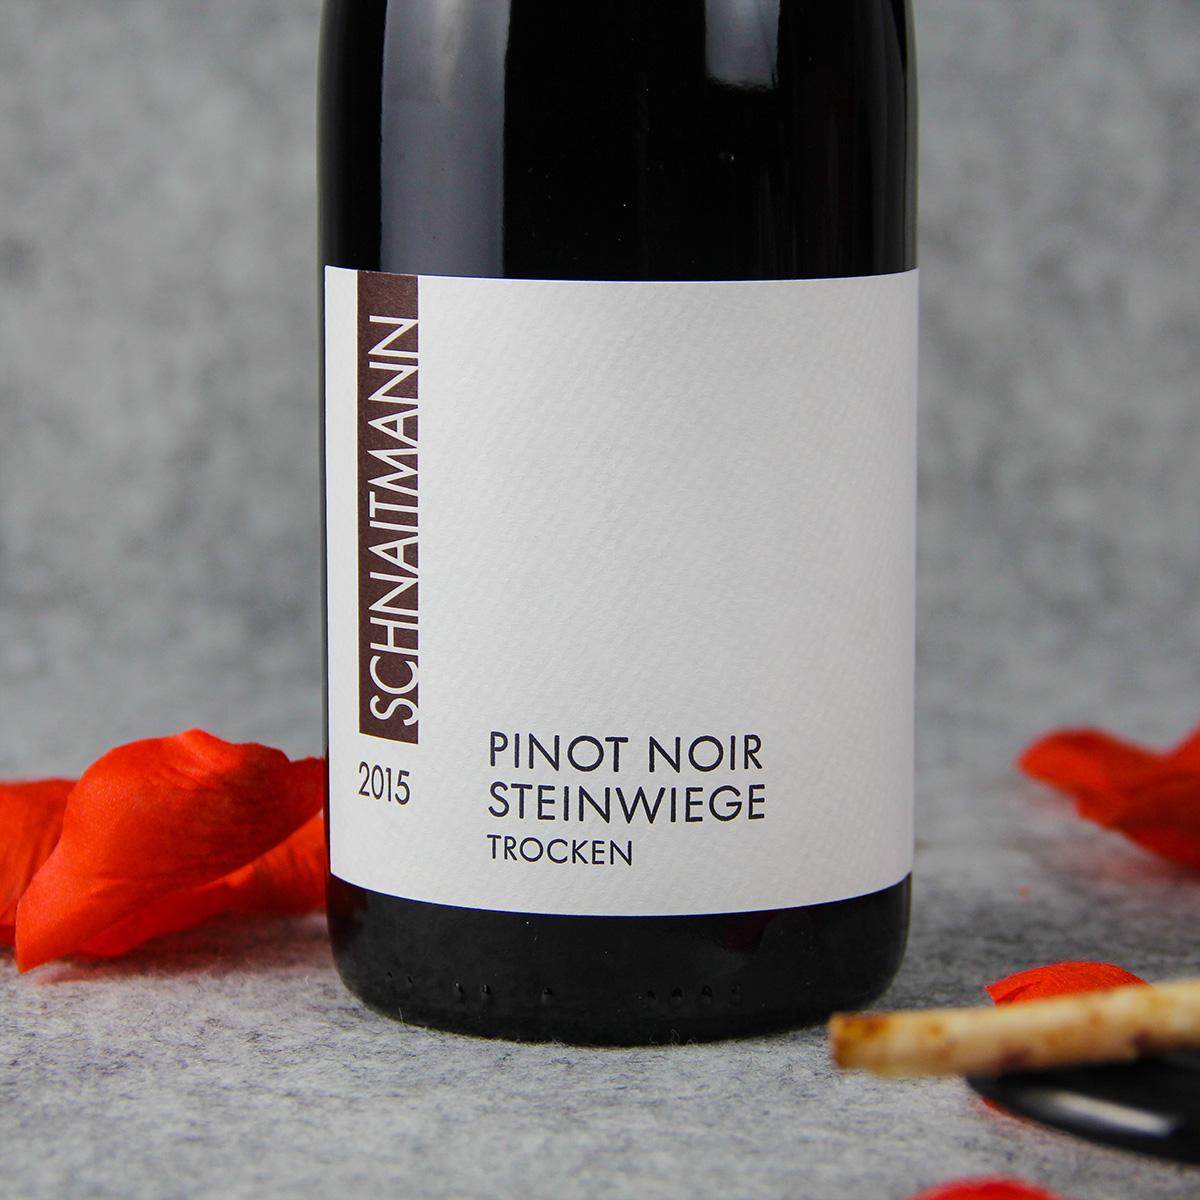 德国符腾堡莱纳施纳特门酒庄黑皮诺施泰格园VDP大区级干红葡萄酒